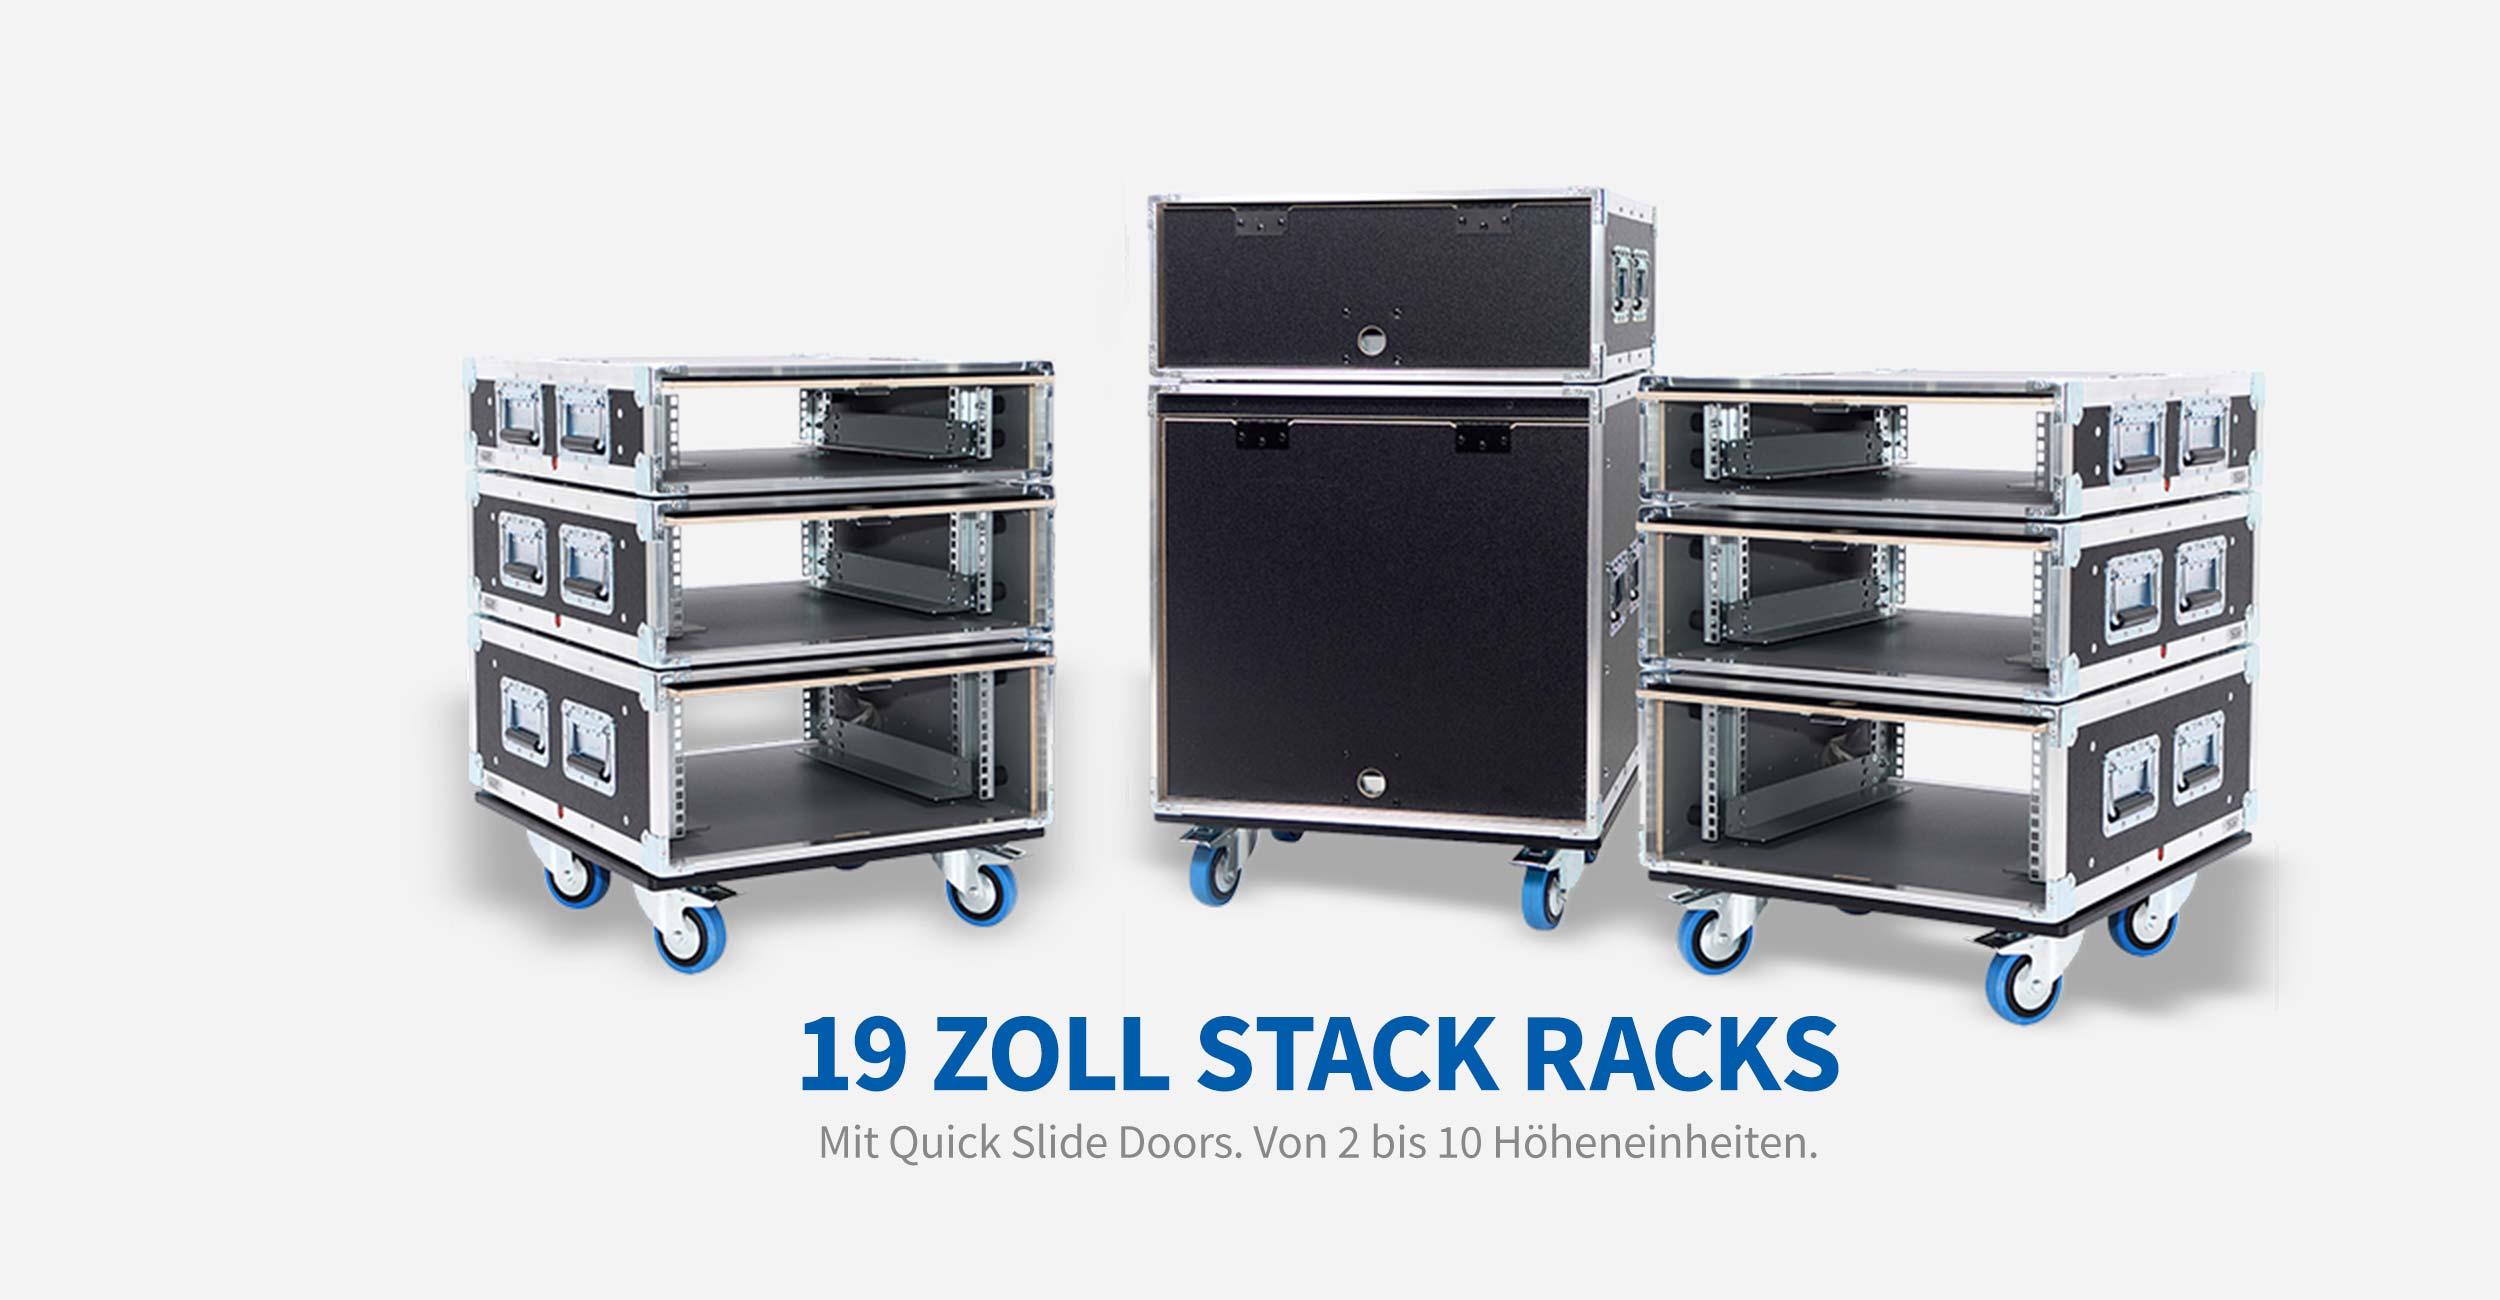 19 Zoll Stack Racks mit Quick Slide Doors - von 2 bis 10 Höheneinheiten